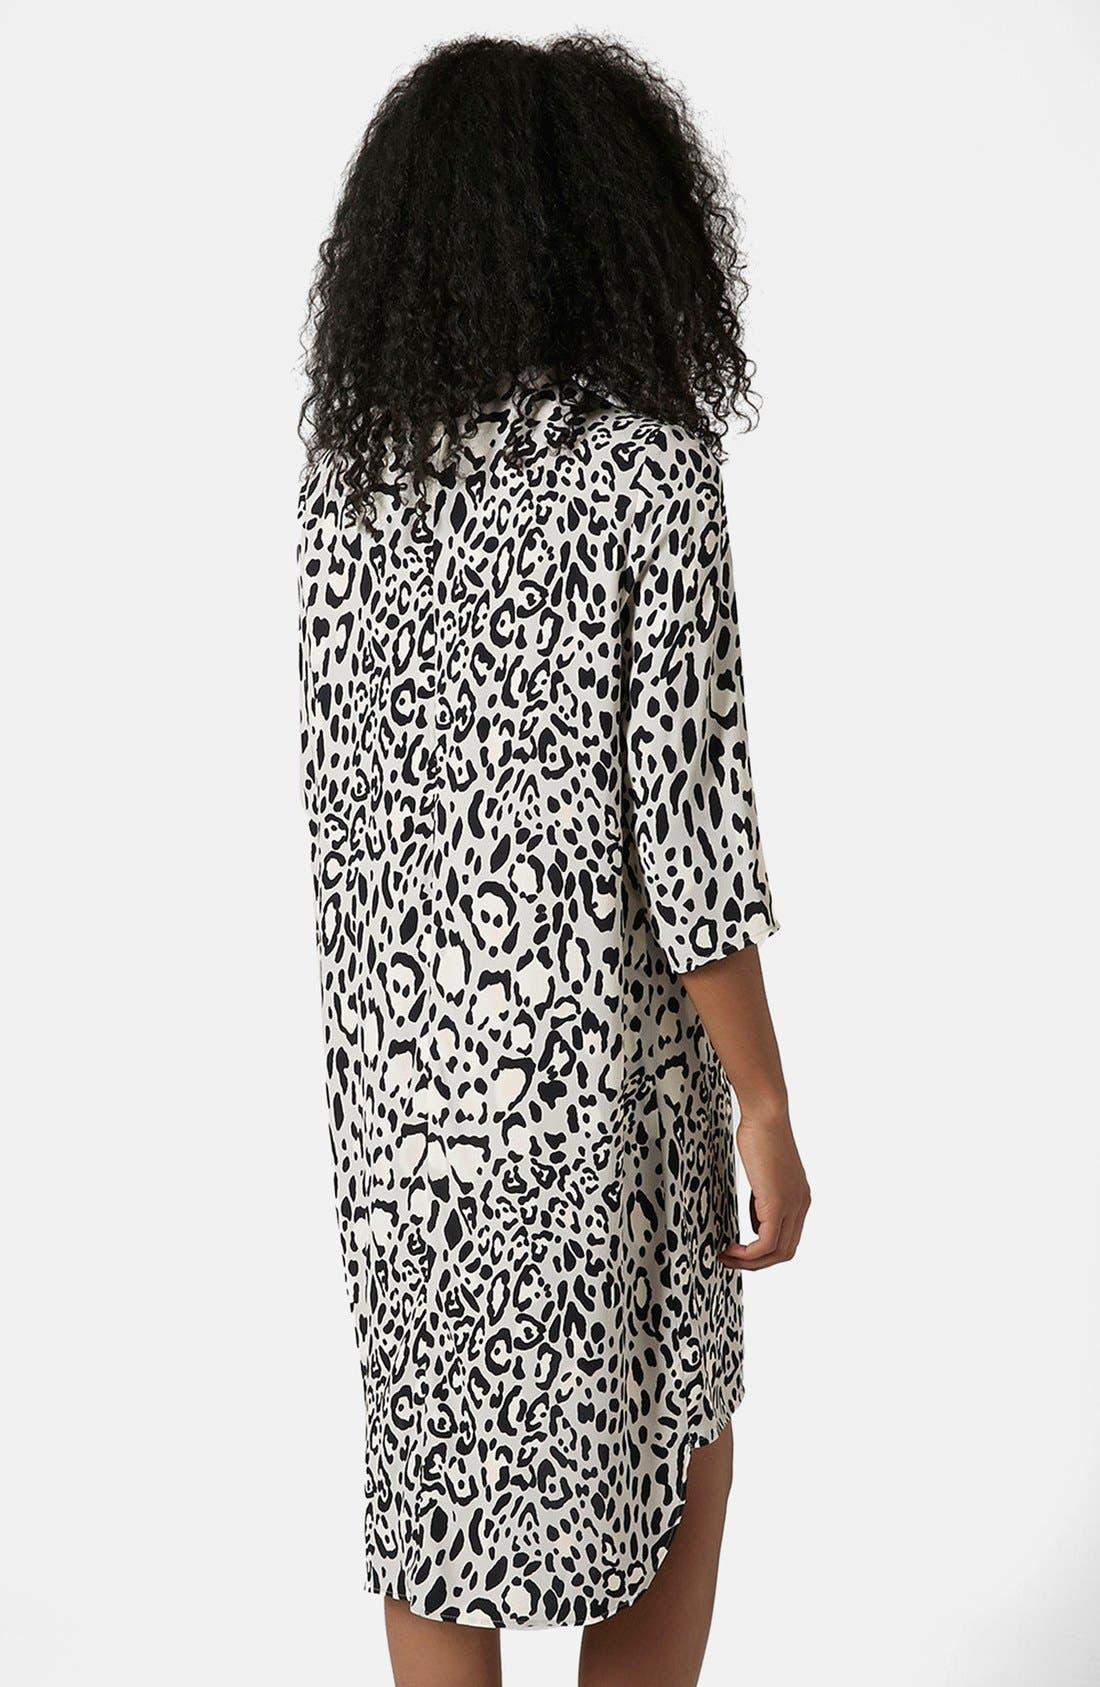 TOPSHOP,                             Monochrome High Neck Dress,                             Alternate thumbnail 3, color,                             001